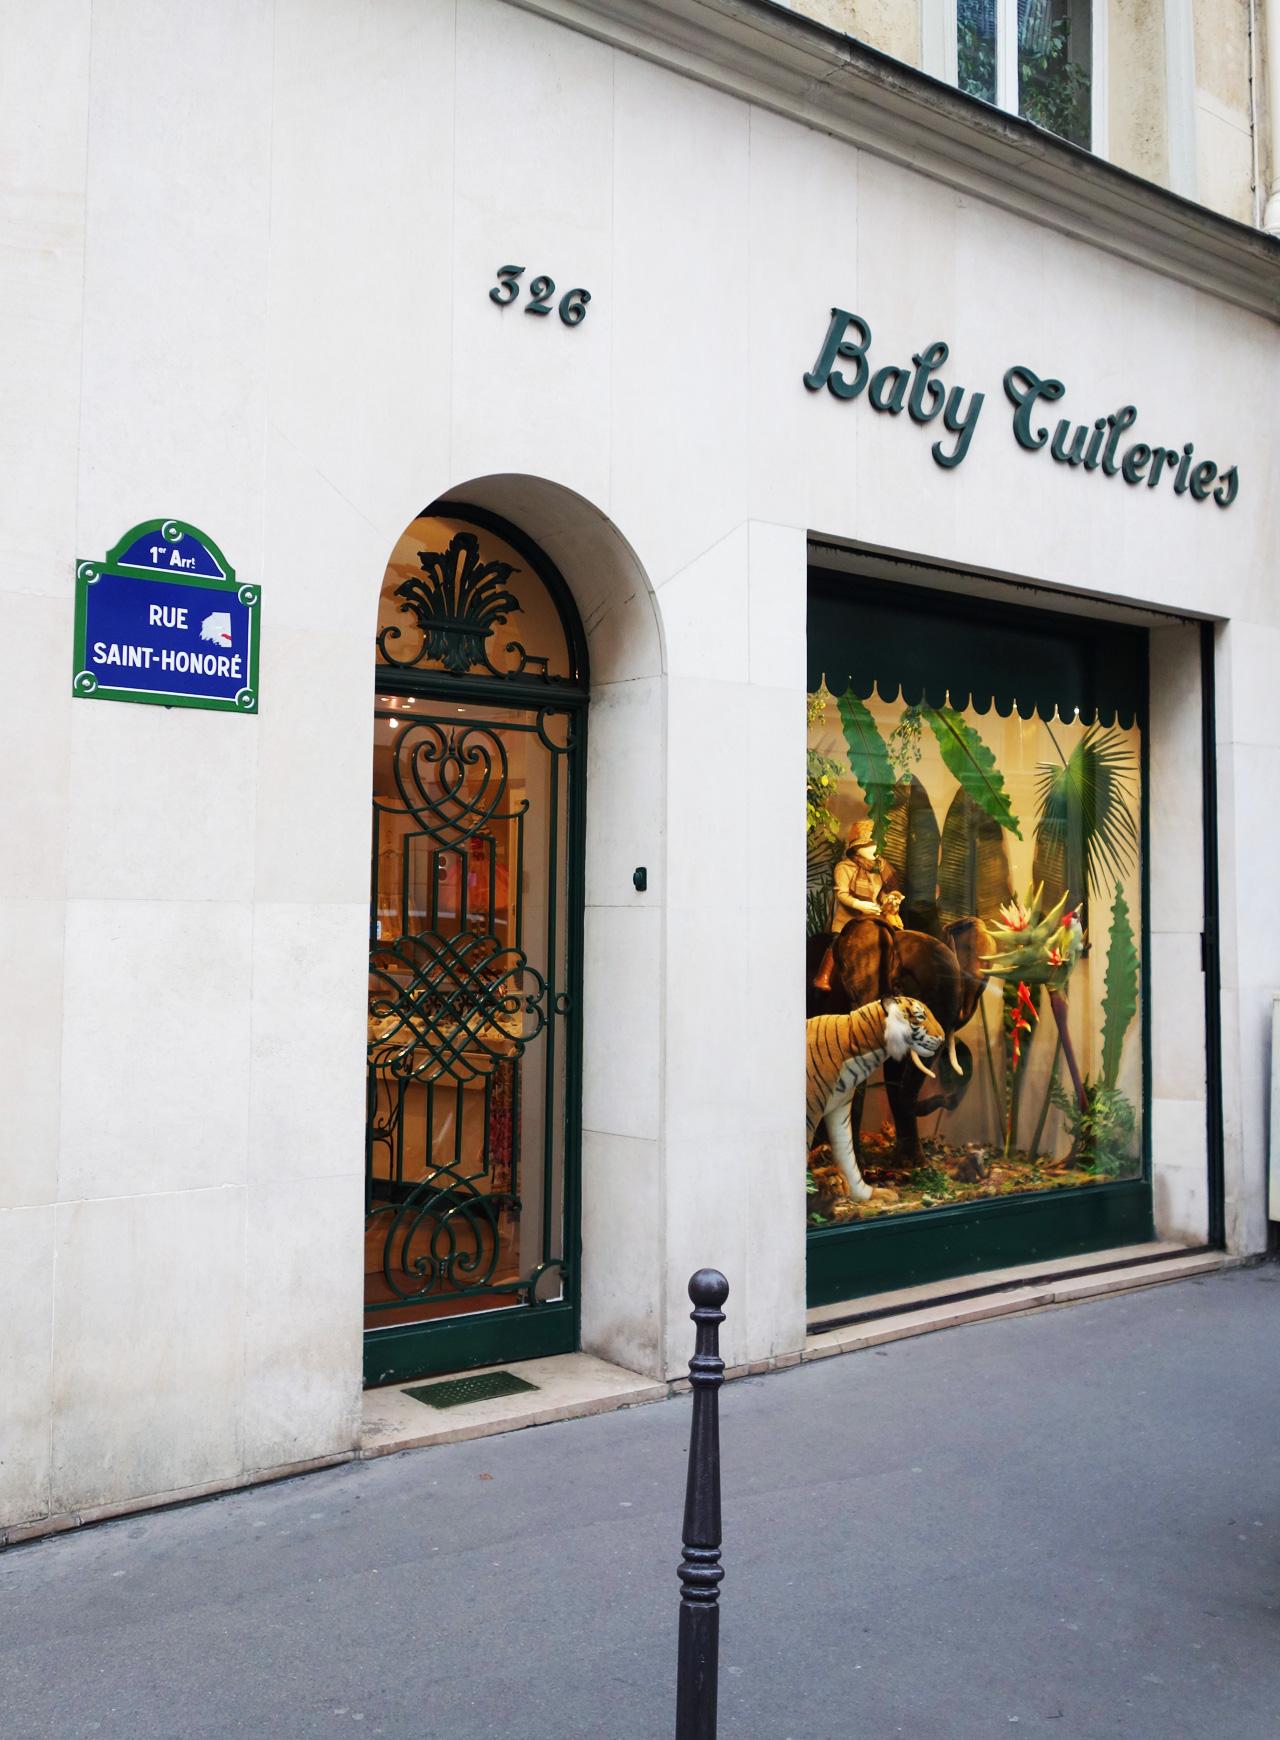 Baby-Tuileries-boutique-vitrines-noel-2013-rue-saint-honore